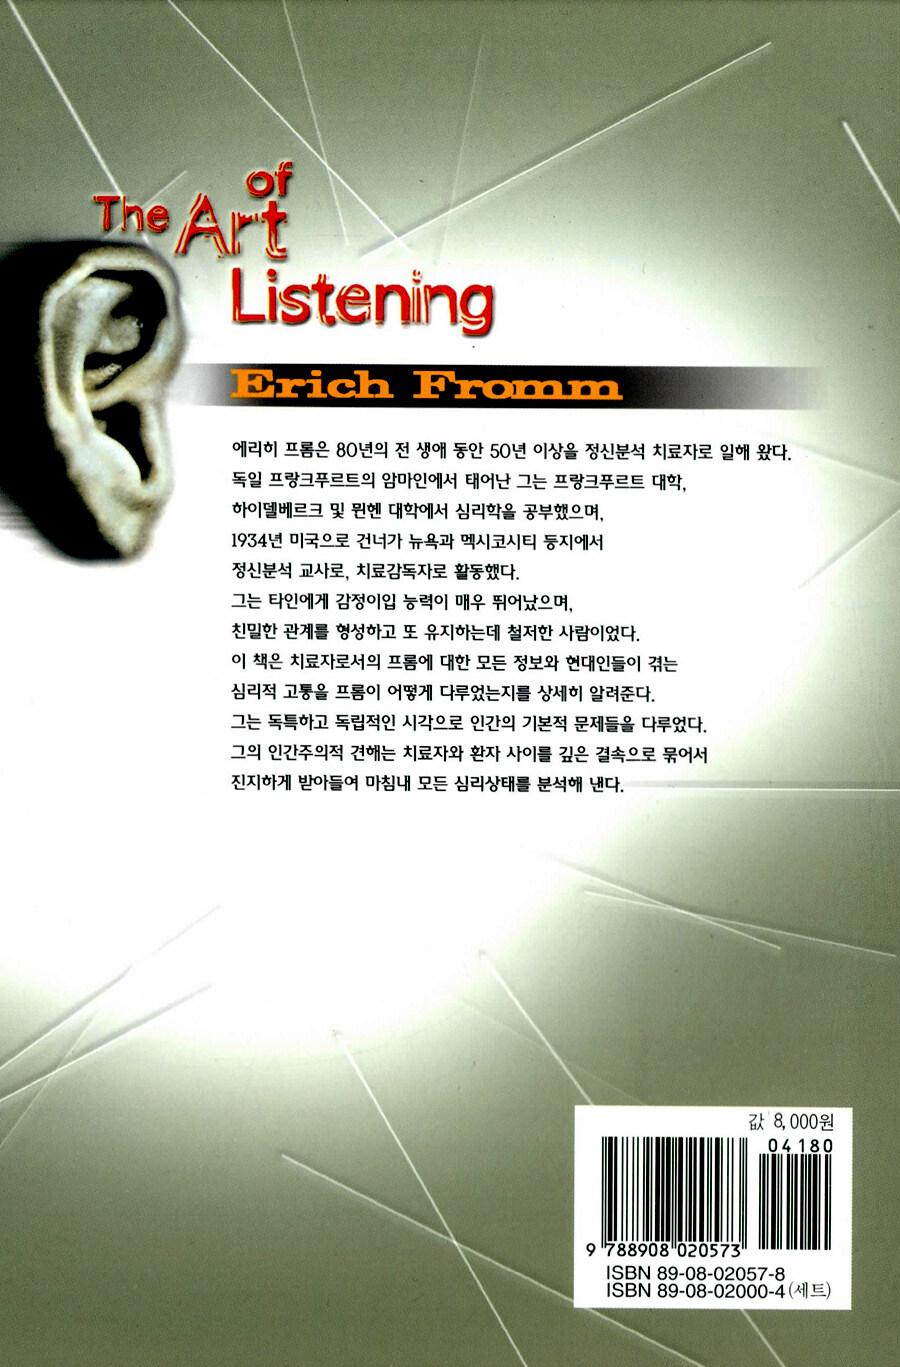 정신분석과 듣기 예술